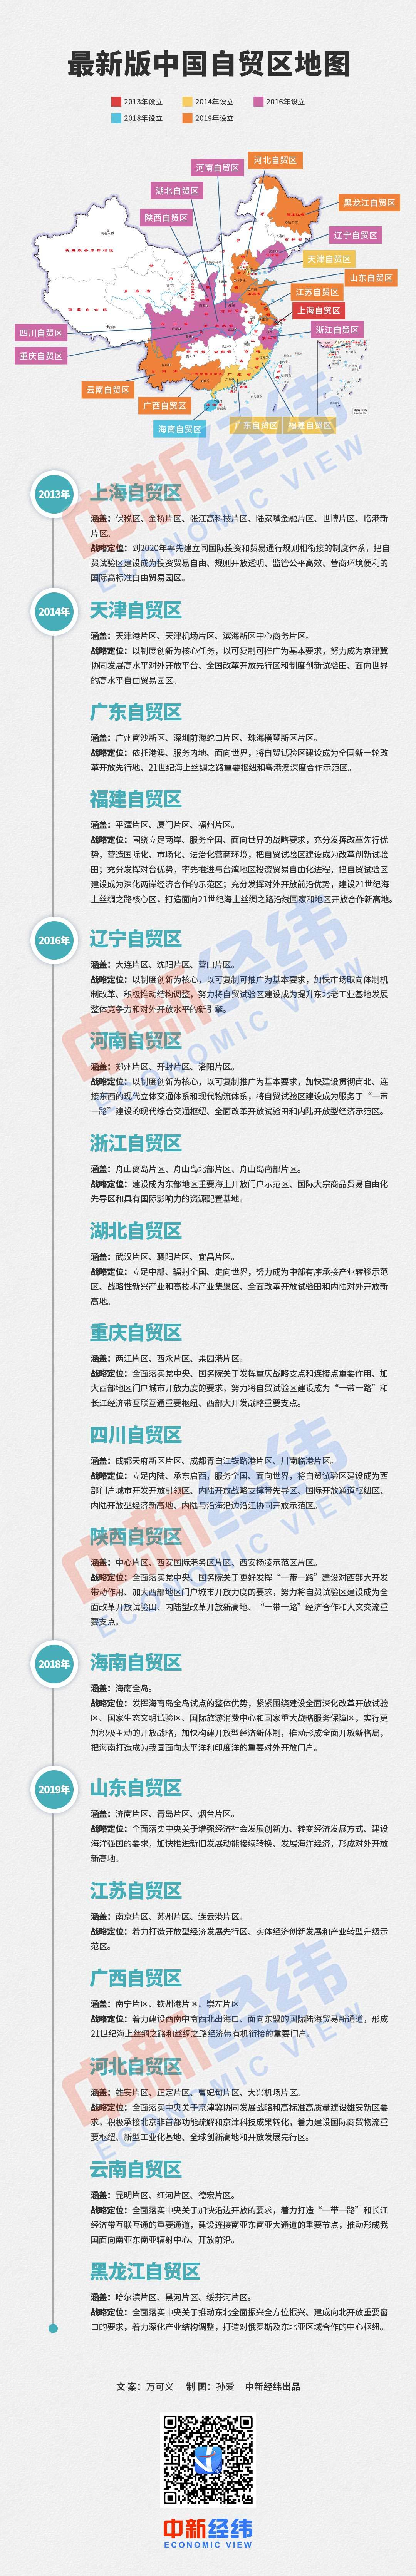 收藏!最新版中国自贸区地图来了图片